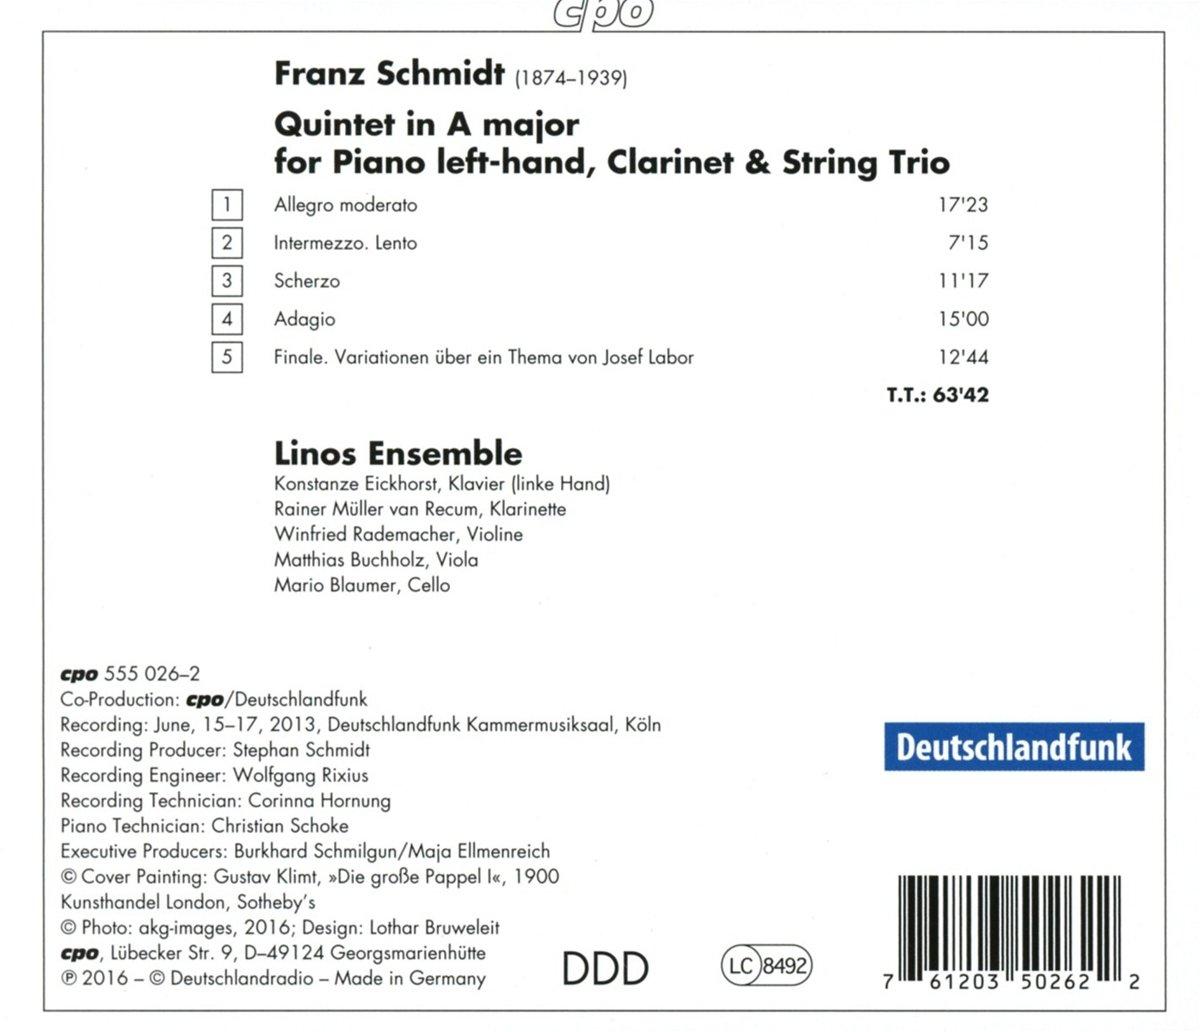 Haus Kaufen Diepholz: Baumrkte In Deutschland. Beautiful Foto Zu Globus Baumarkt